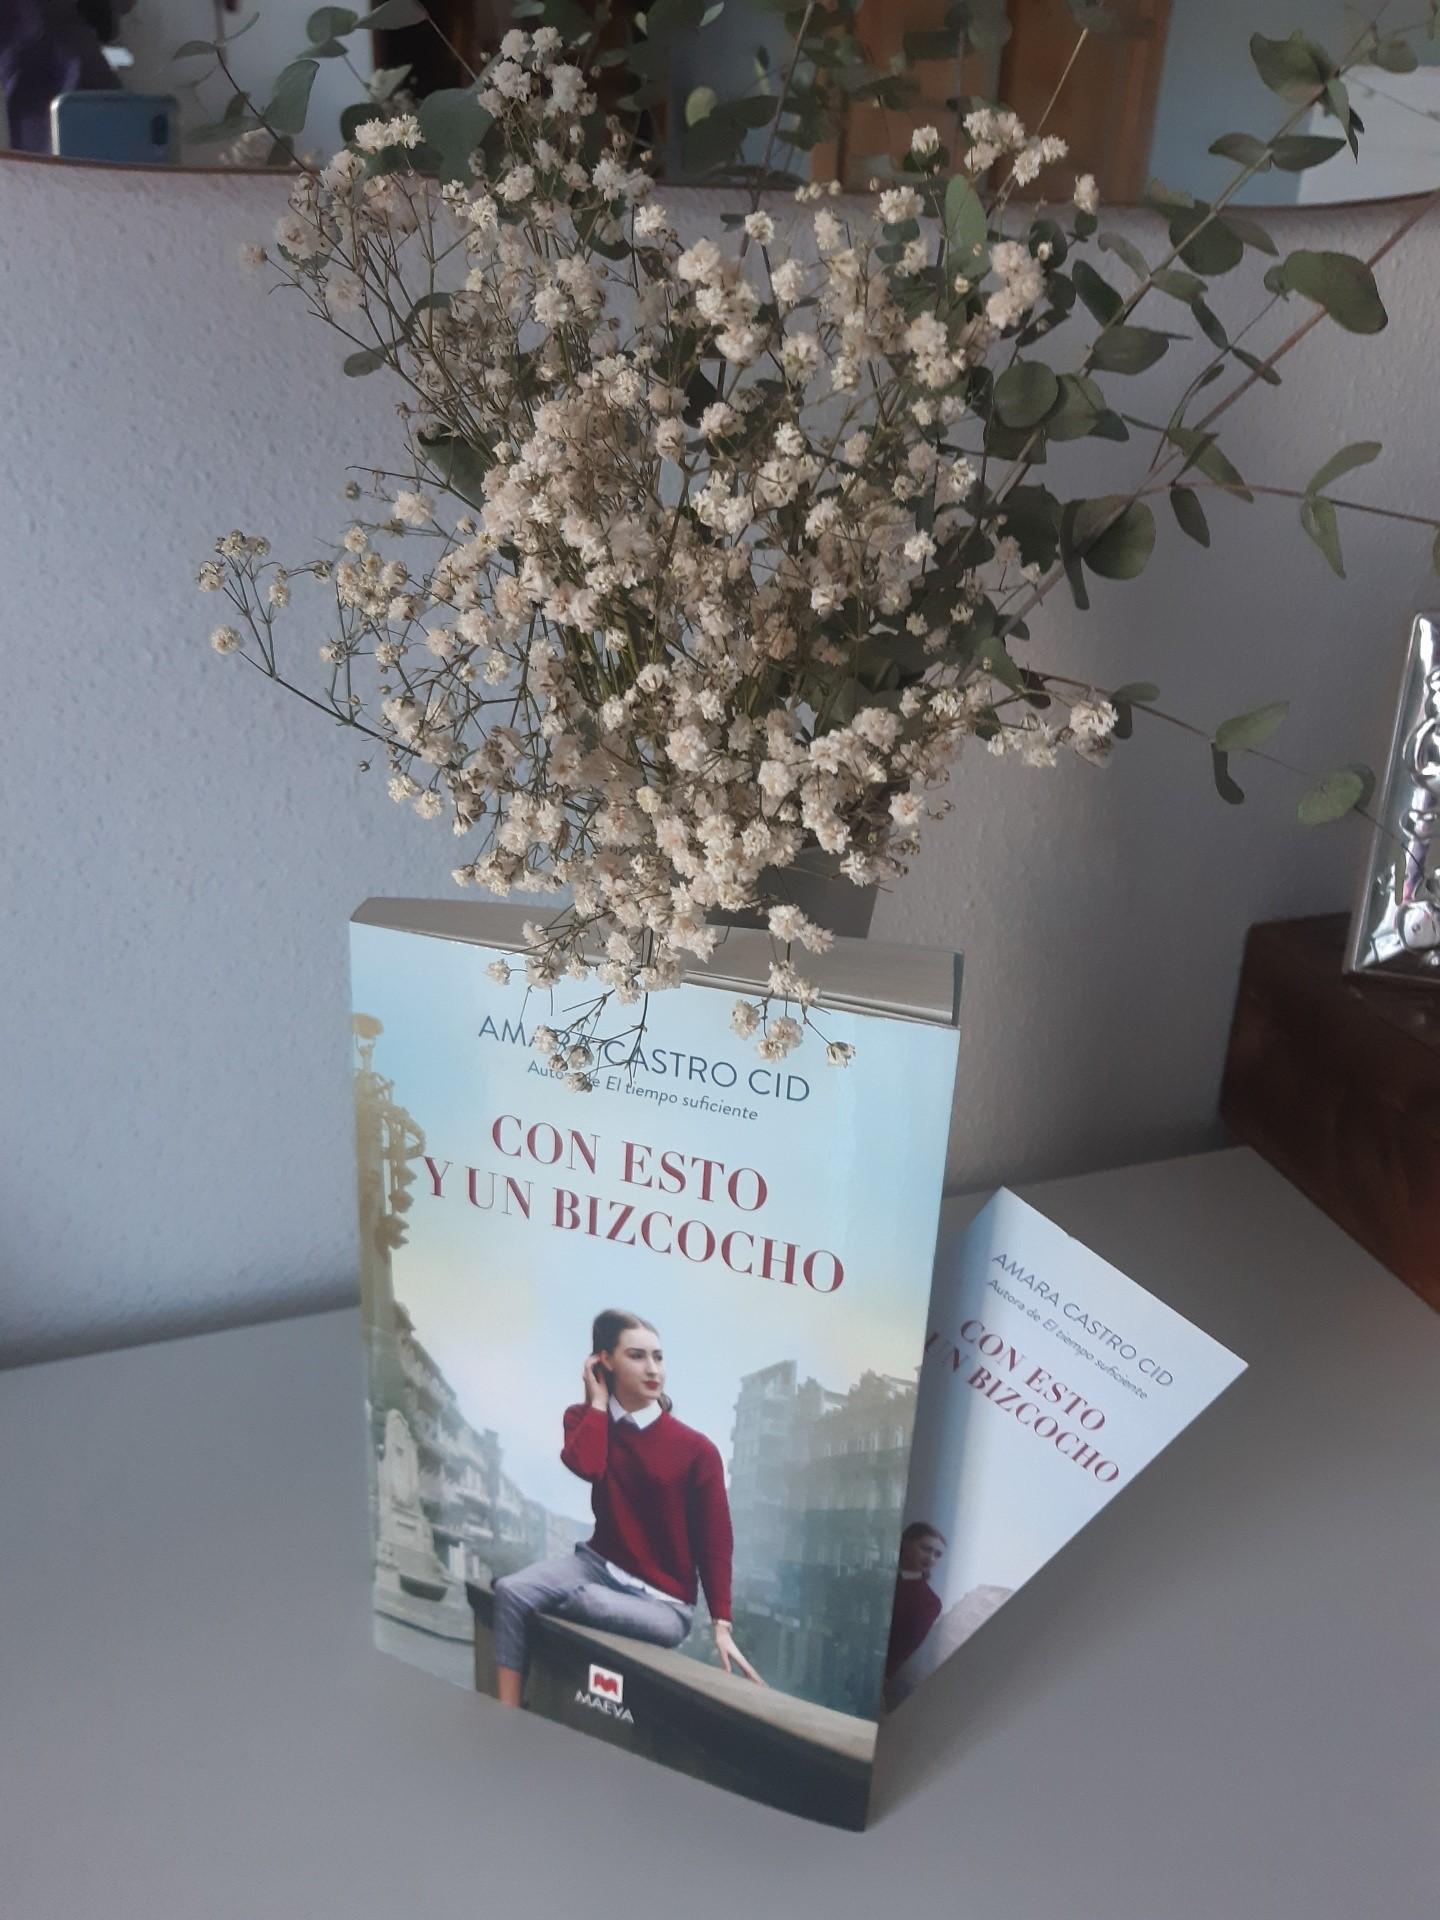 «CON ESTO Y UN BIZCOCHO», de Amara Castro